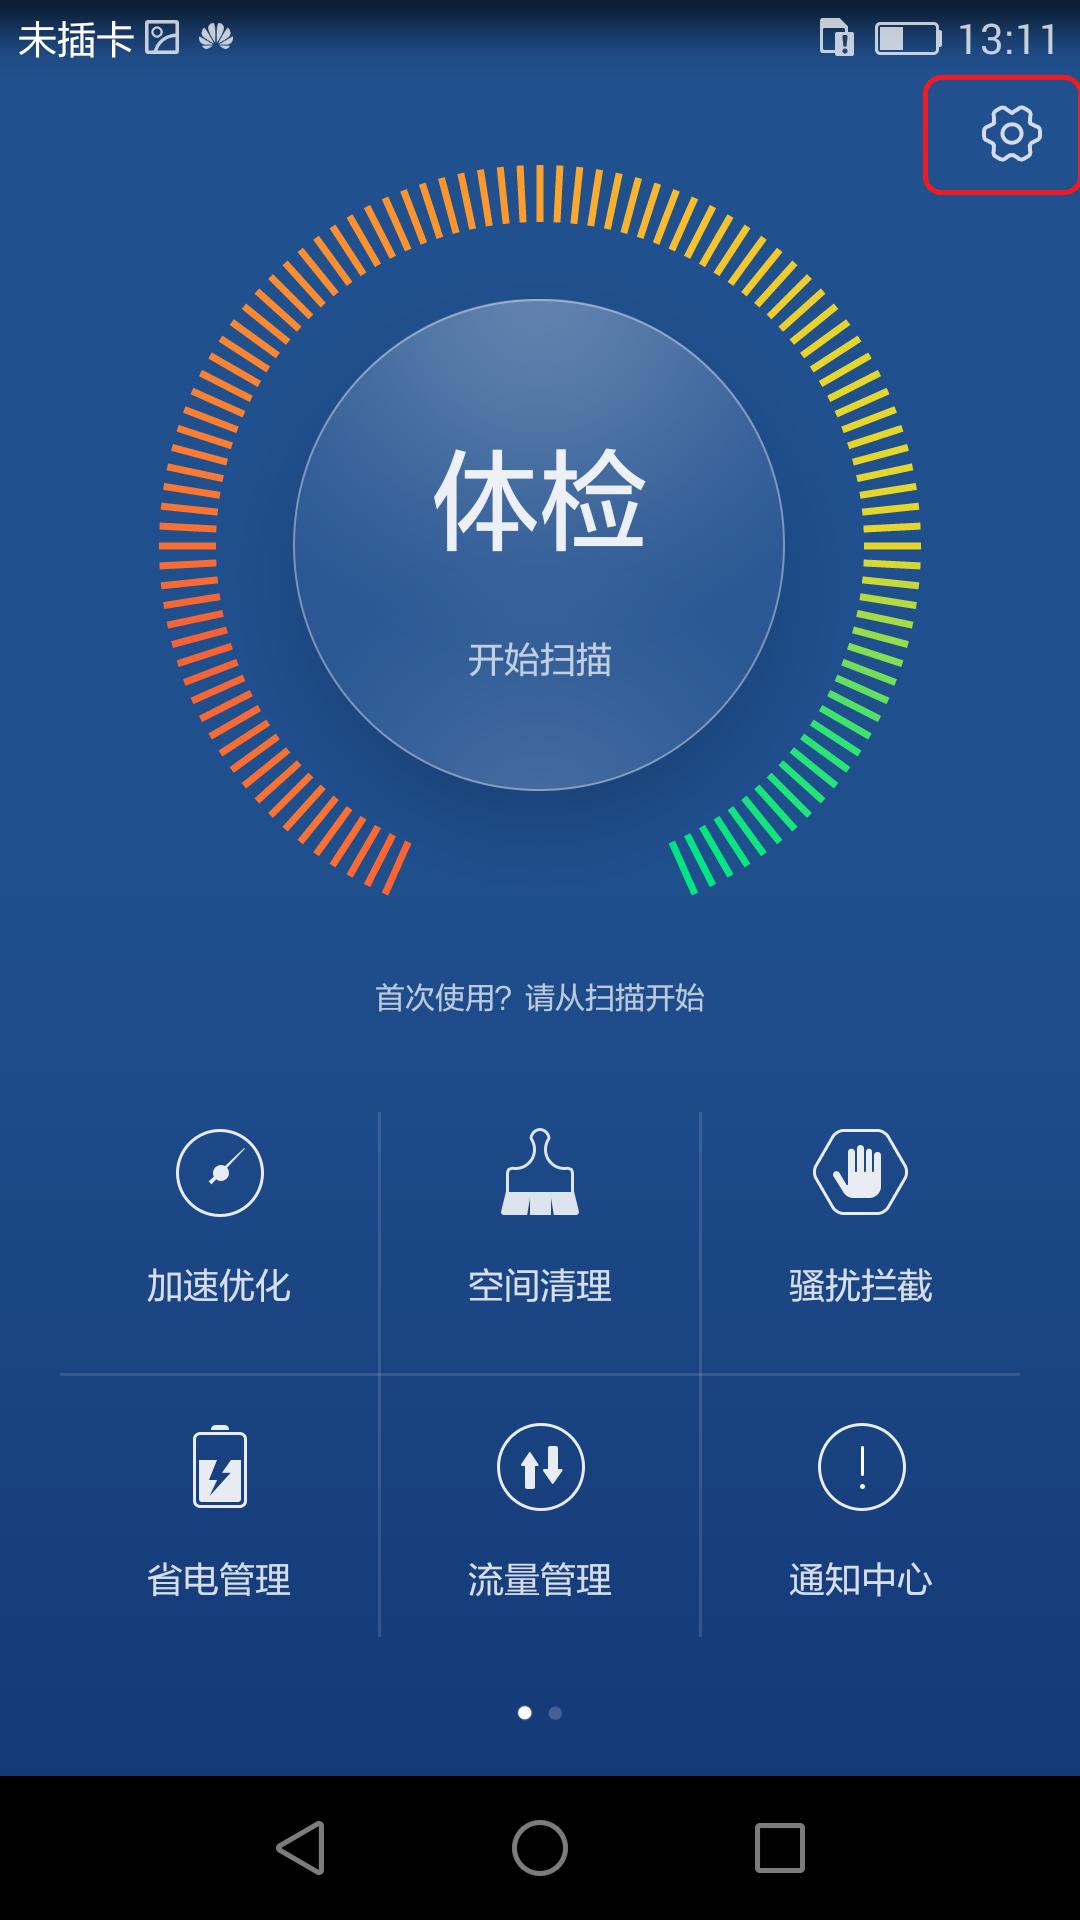 手机管家_华为荣耀7全网通可以从手机自带的手机管家里获取root权限吗 ...